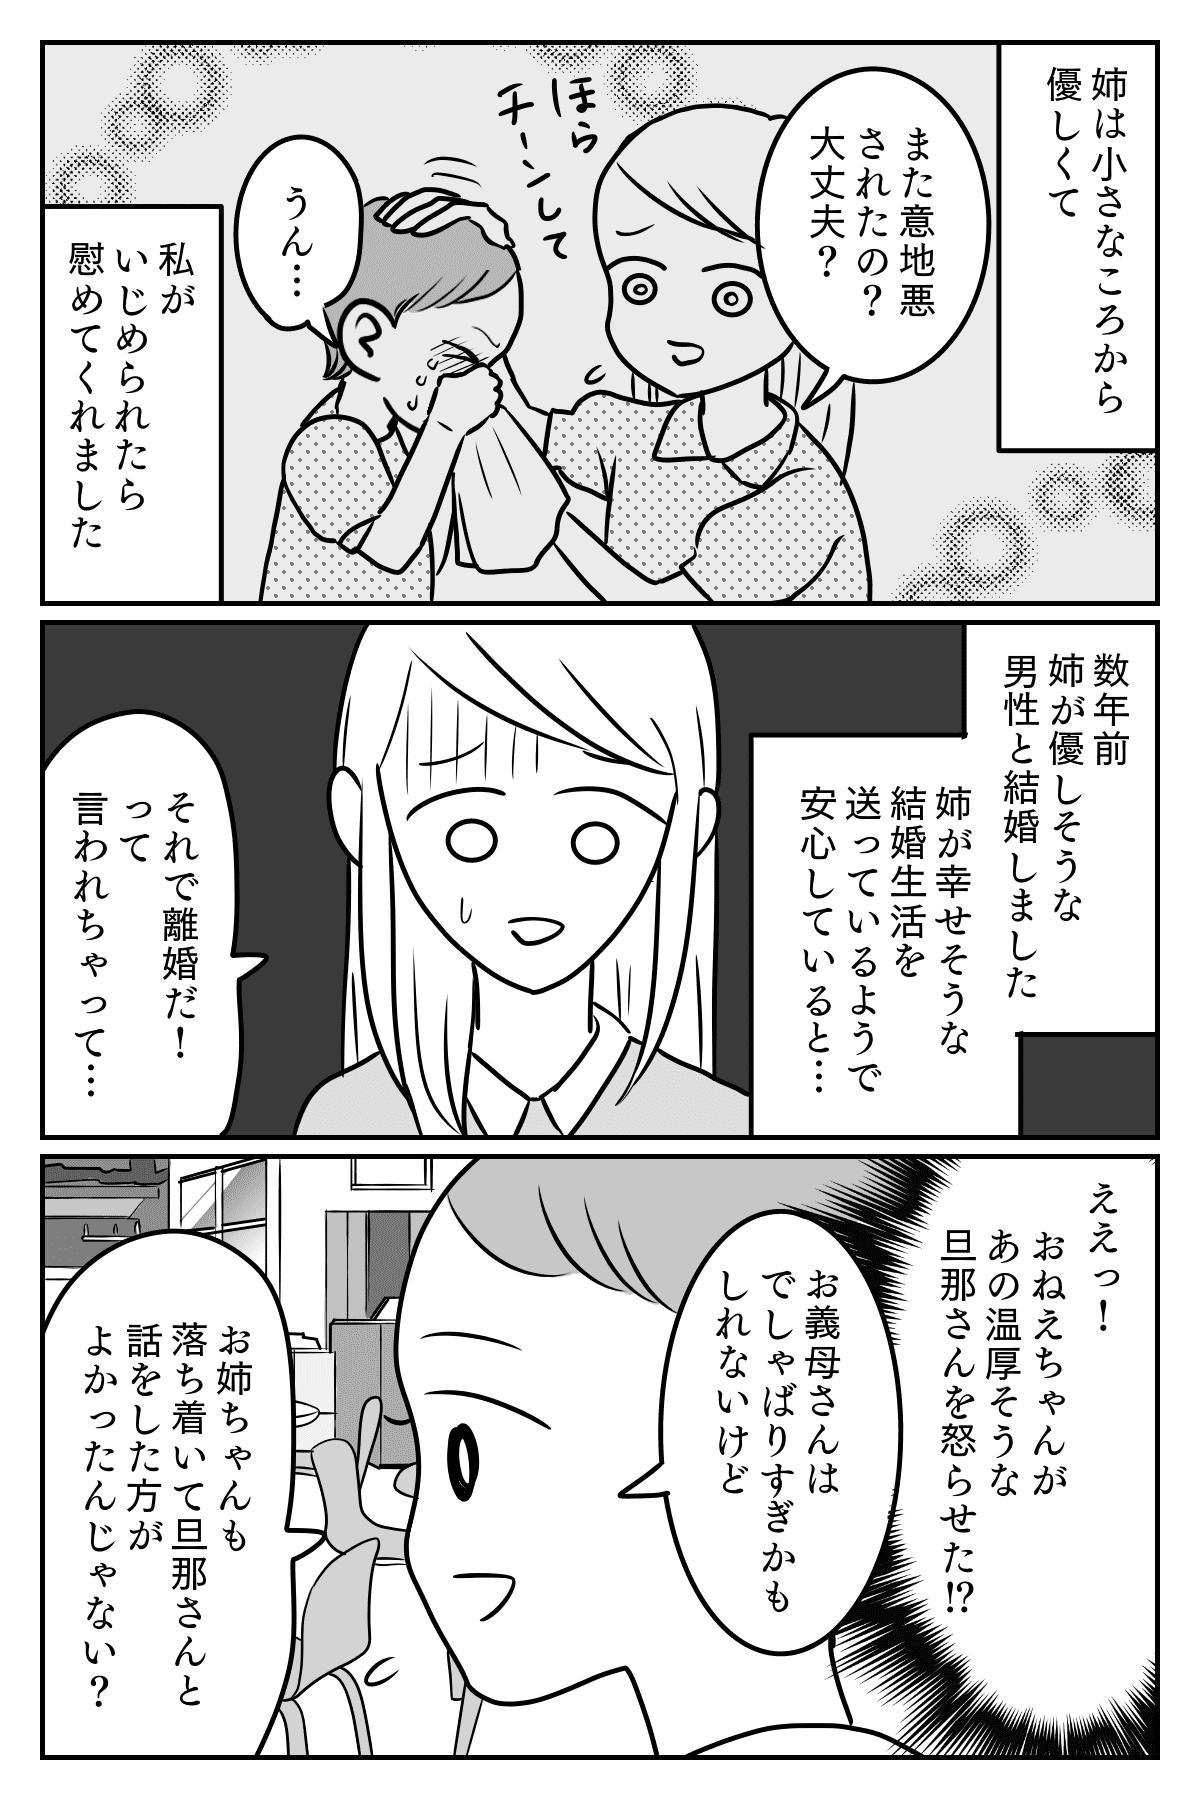 耳鼻科5-1